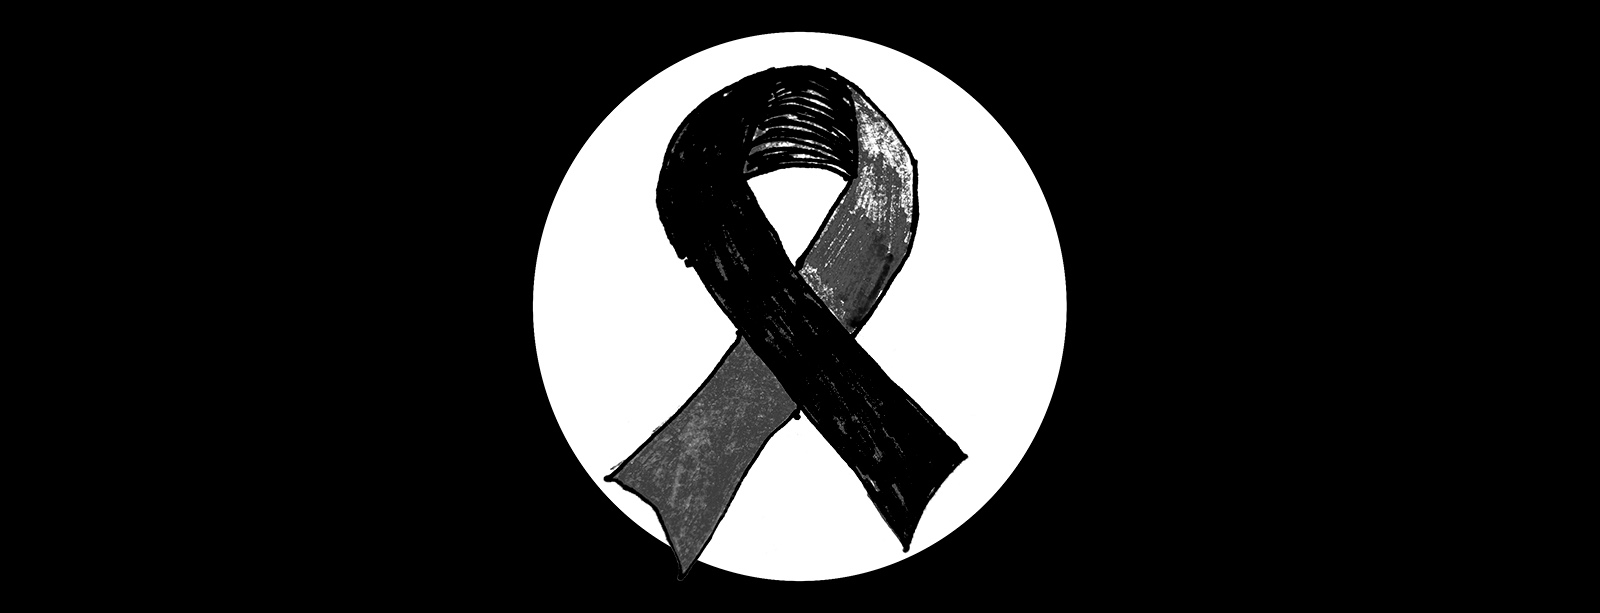 In Memoriam: Mensaje de condolencias del Quijote RC a la familia Nava